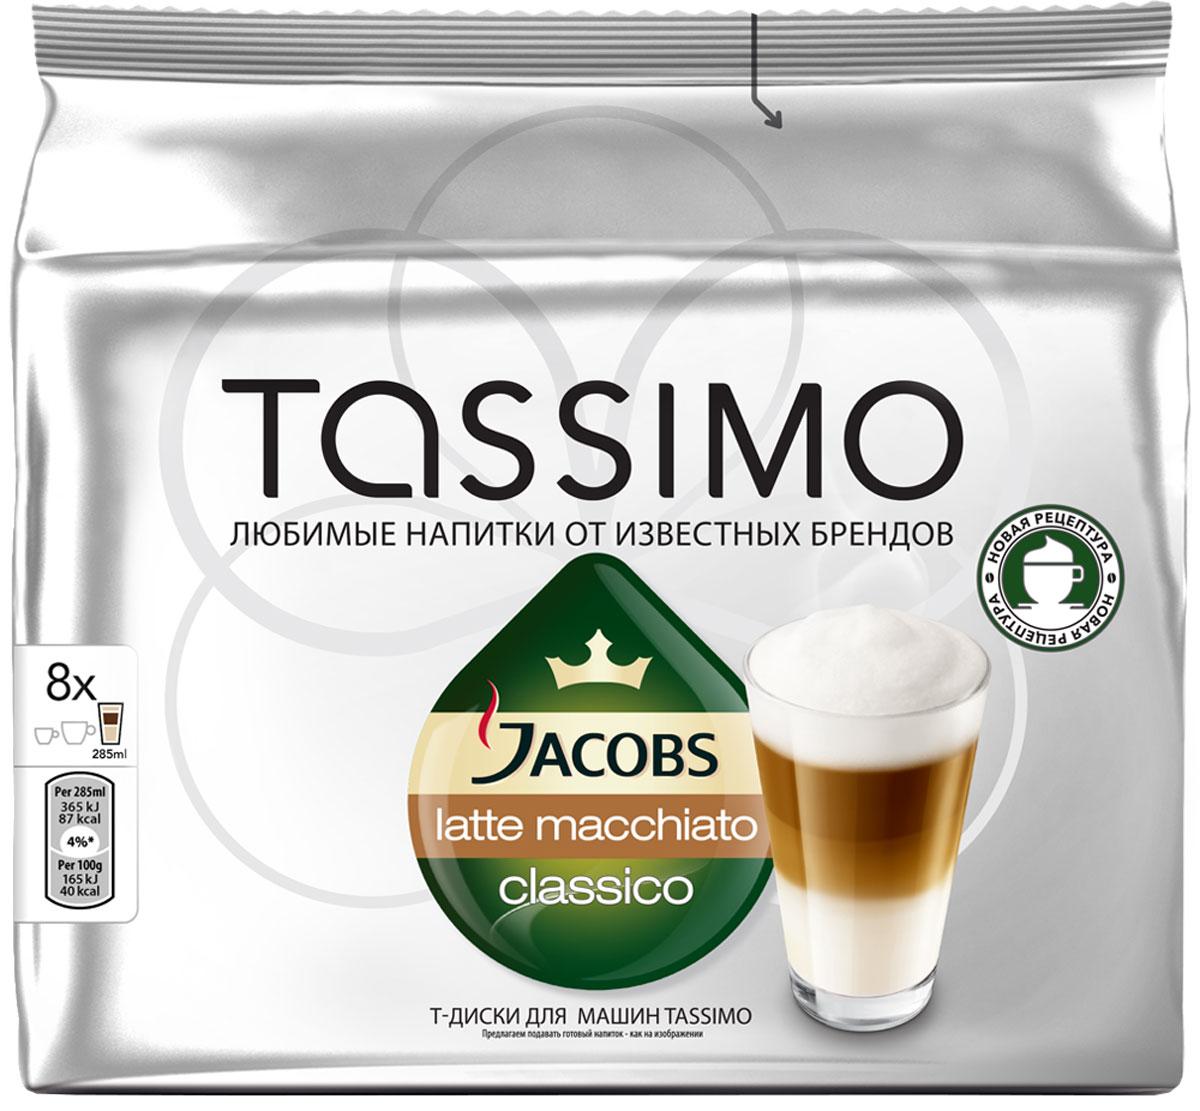 Tassimo Jacobs Latte Macchiato Classico кофе капсульный, 16 шт4001587Вкуснейший Латте Макиато от Jacobs. Красивый многослойный молочный напиток с мягким вкусом и нежными нотками кофе. Готовится легко с помощью двух Т-Дисков: 1) Большой Т-Диск c сухим молоком. 2) Т-Диск эспрессо. Каждая упаковка содержит 8 Т-дисков Jacobs эспрессо и 8 молочных T-Дисков. Состав: кофе натуральный жареный молотый. Молочный продукт сухой с сахаром для приготовления кофейного напитка Латте Макиато: продукт сухой с сахаром (молоко, сахар), соль поваренная пищевая, агент антислеживающий (Е 551). Уважаемые клиенты! Обращаем ваше внимание на то, что упаковка может иметь несколько видов дизайна. Поставка осуществляется в зависимости от наличия на складе.